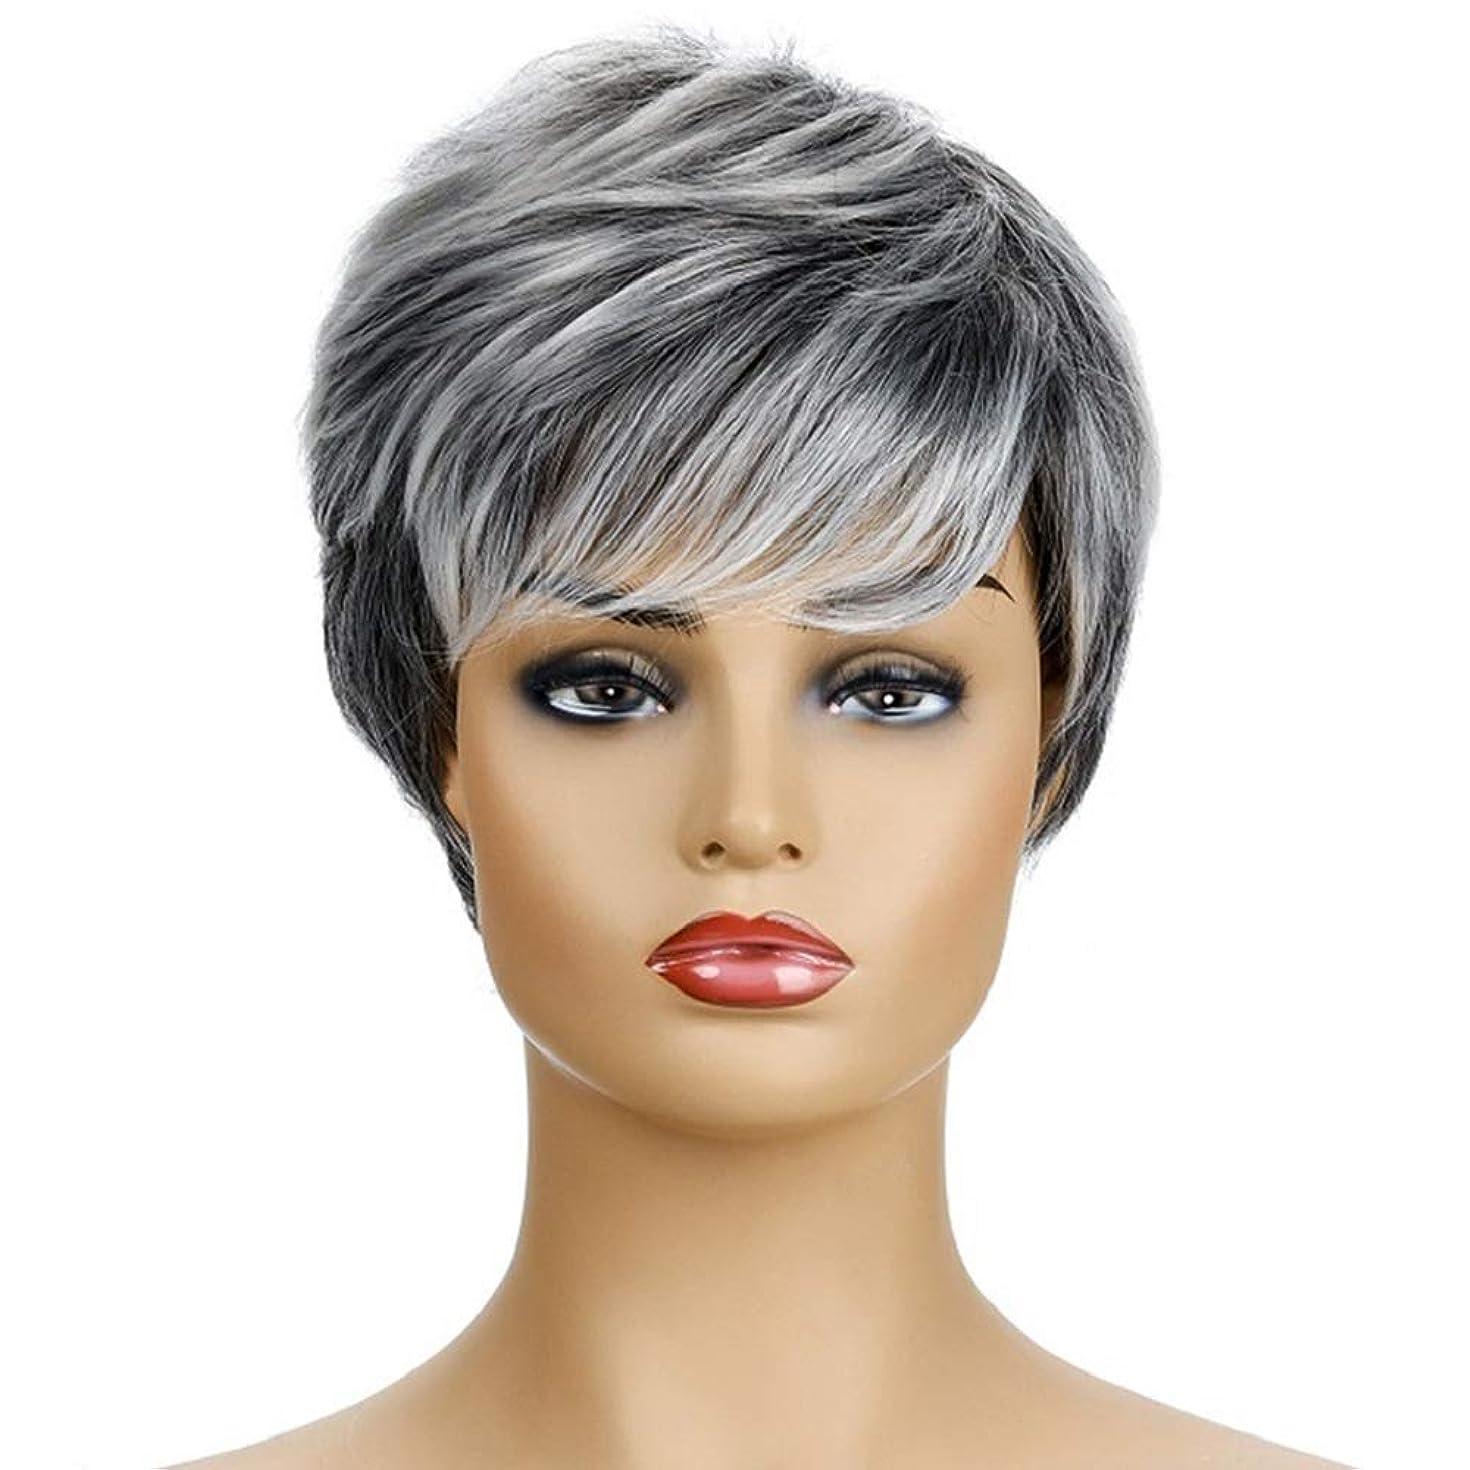 余暇篭怒る女性の短い巻き毛のかつら10インチ自然髪かつら前髪合成完全な髪のかつら女性と女の子ハロウィンコスプレパーティーかつら、混合色